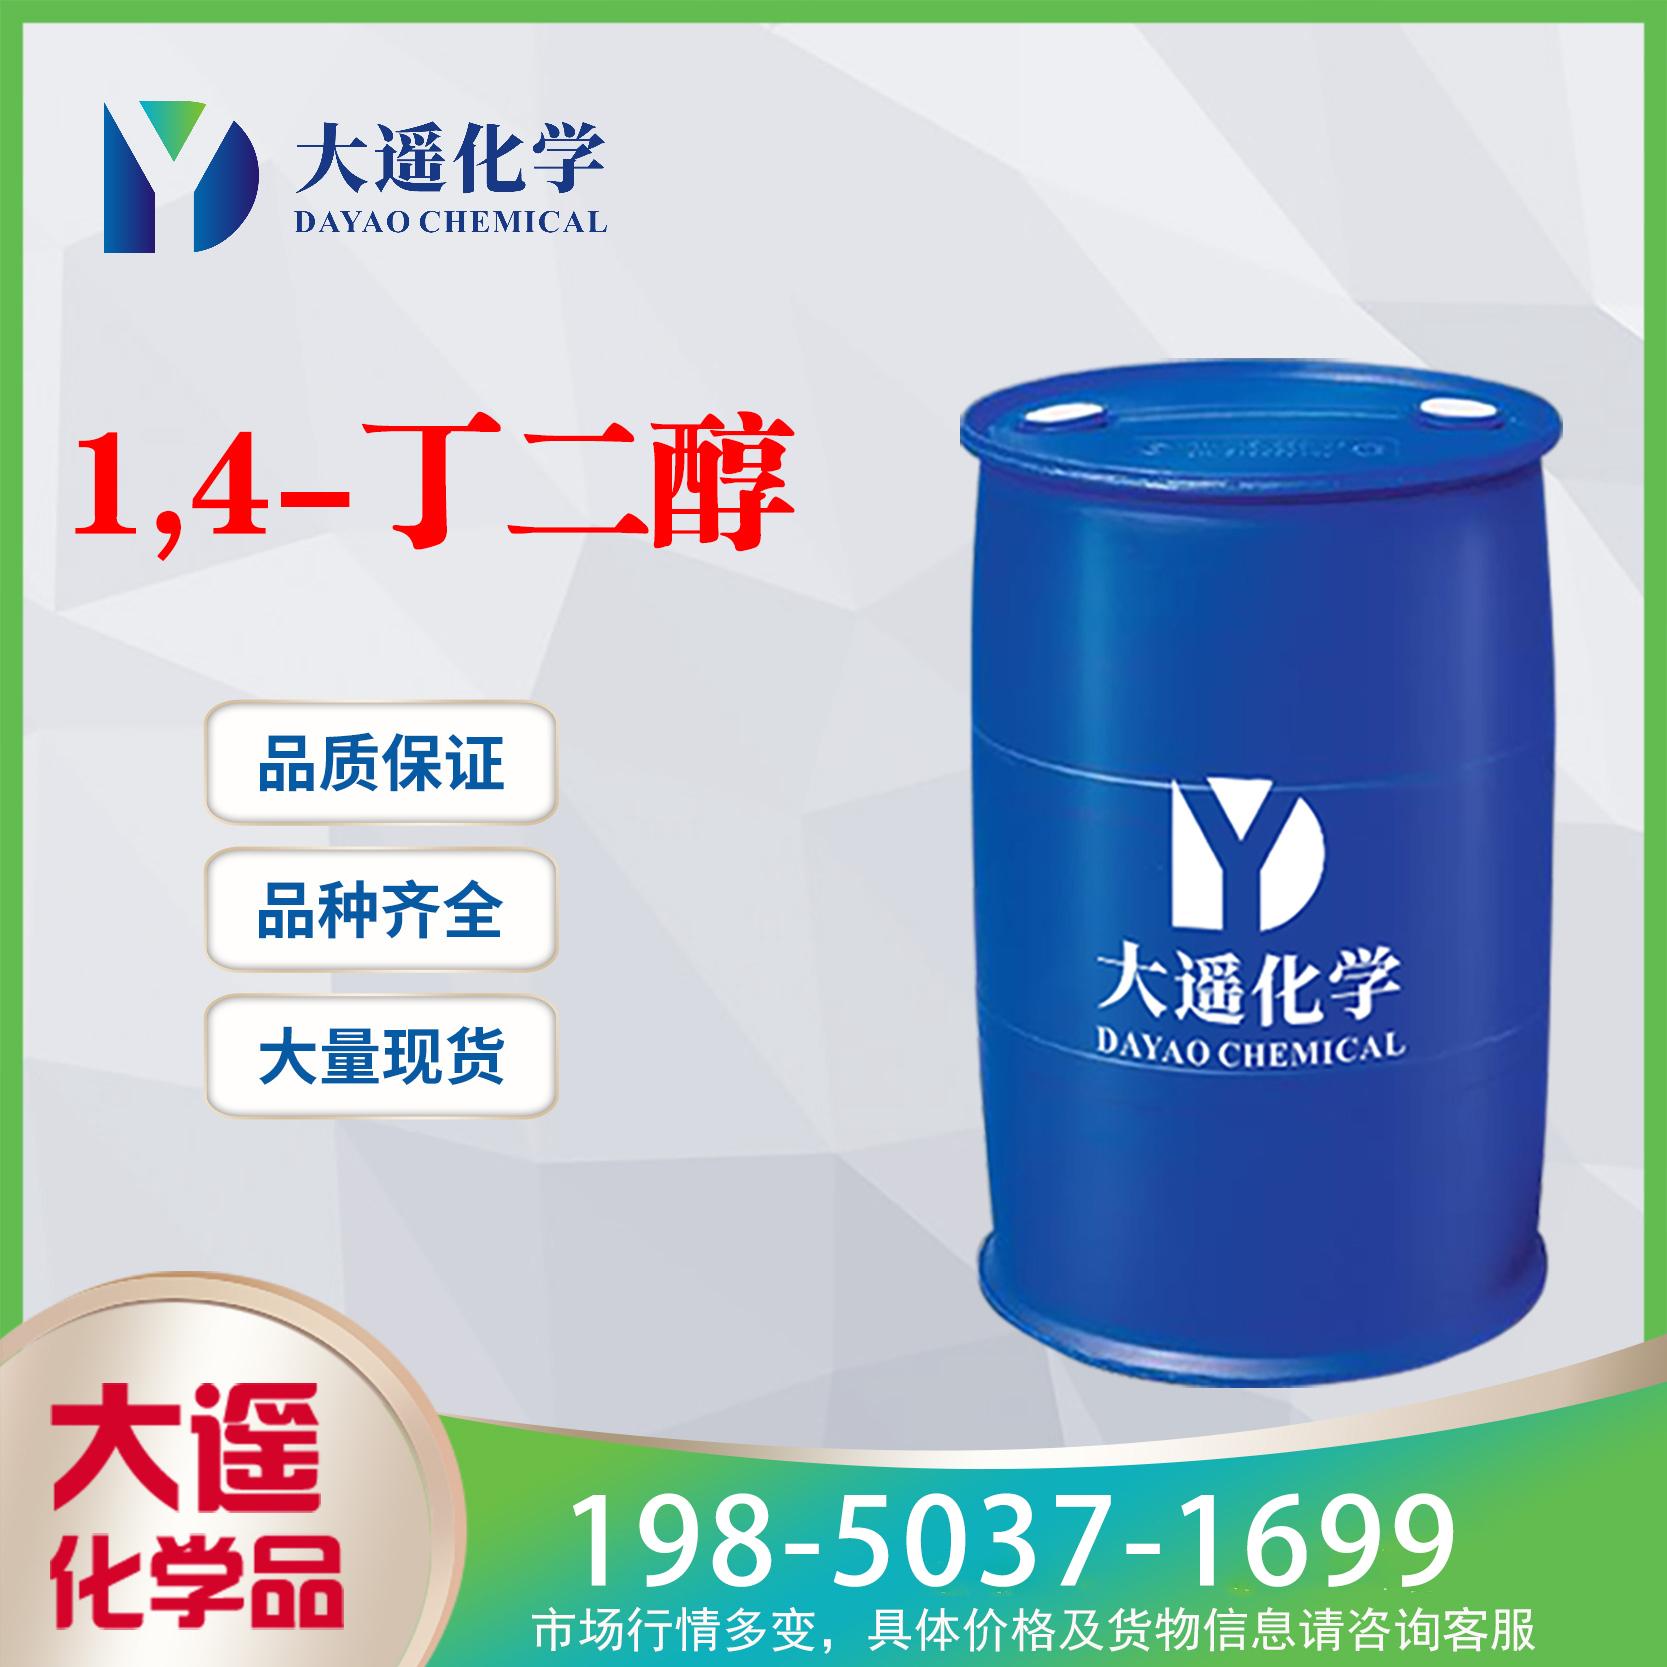 现货供应 1.4丁二醇 BDO 1,4-丁二醇 含量99.5%工业级 110-63-4